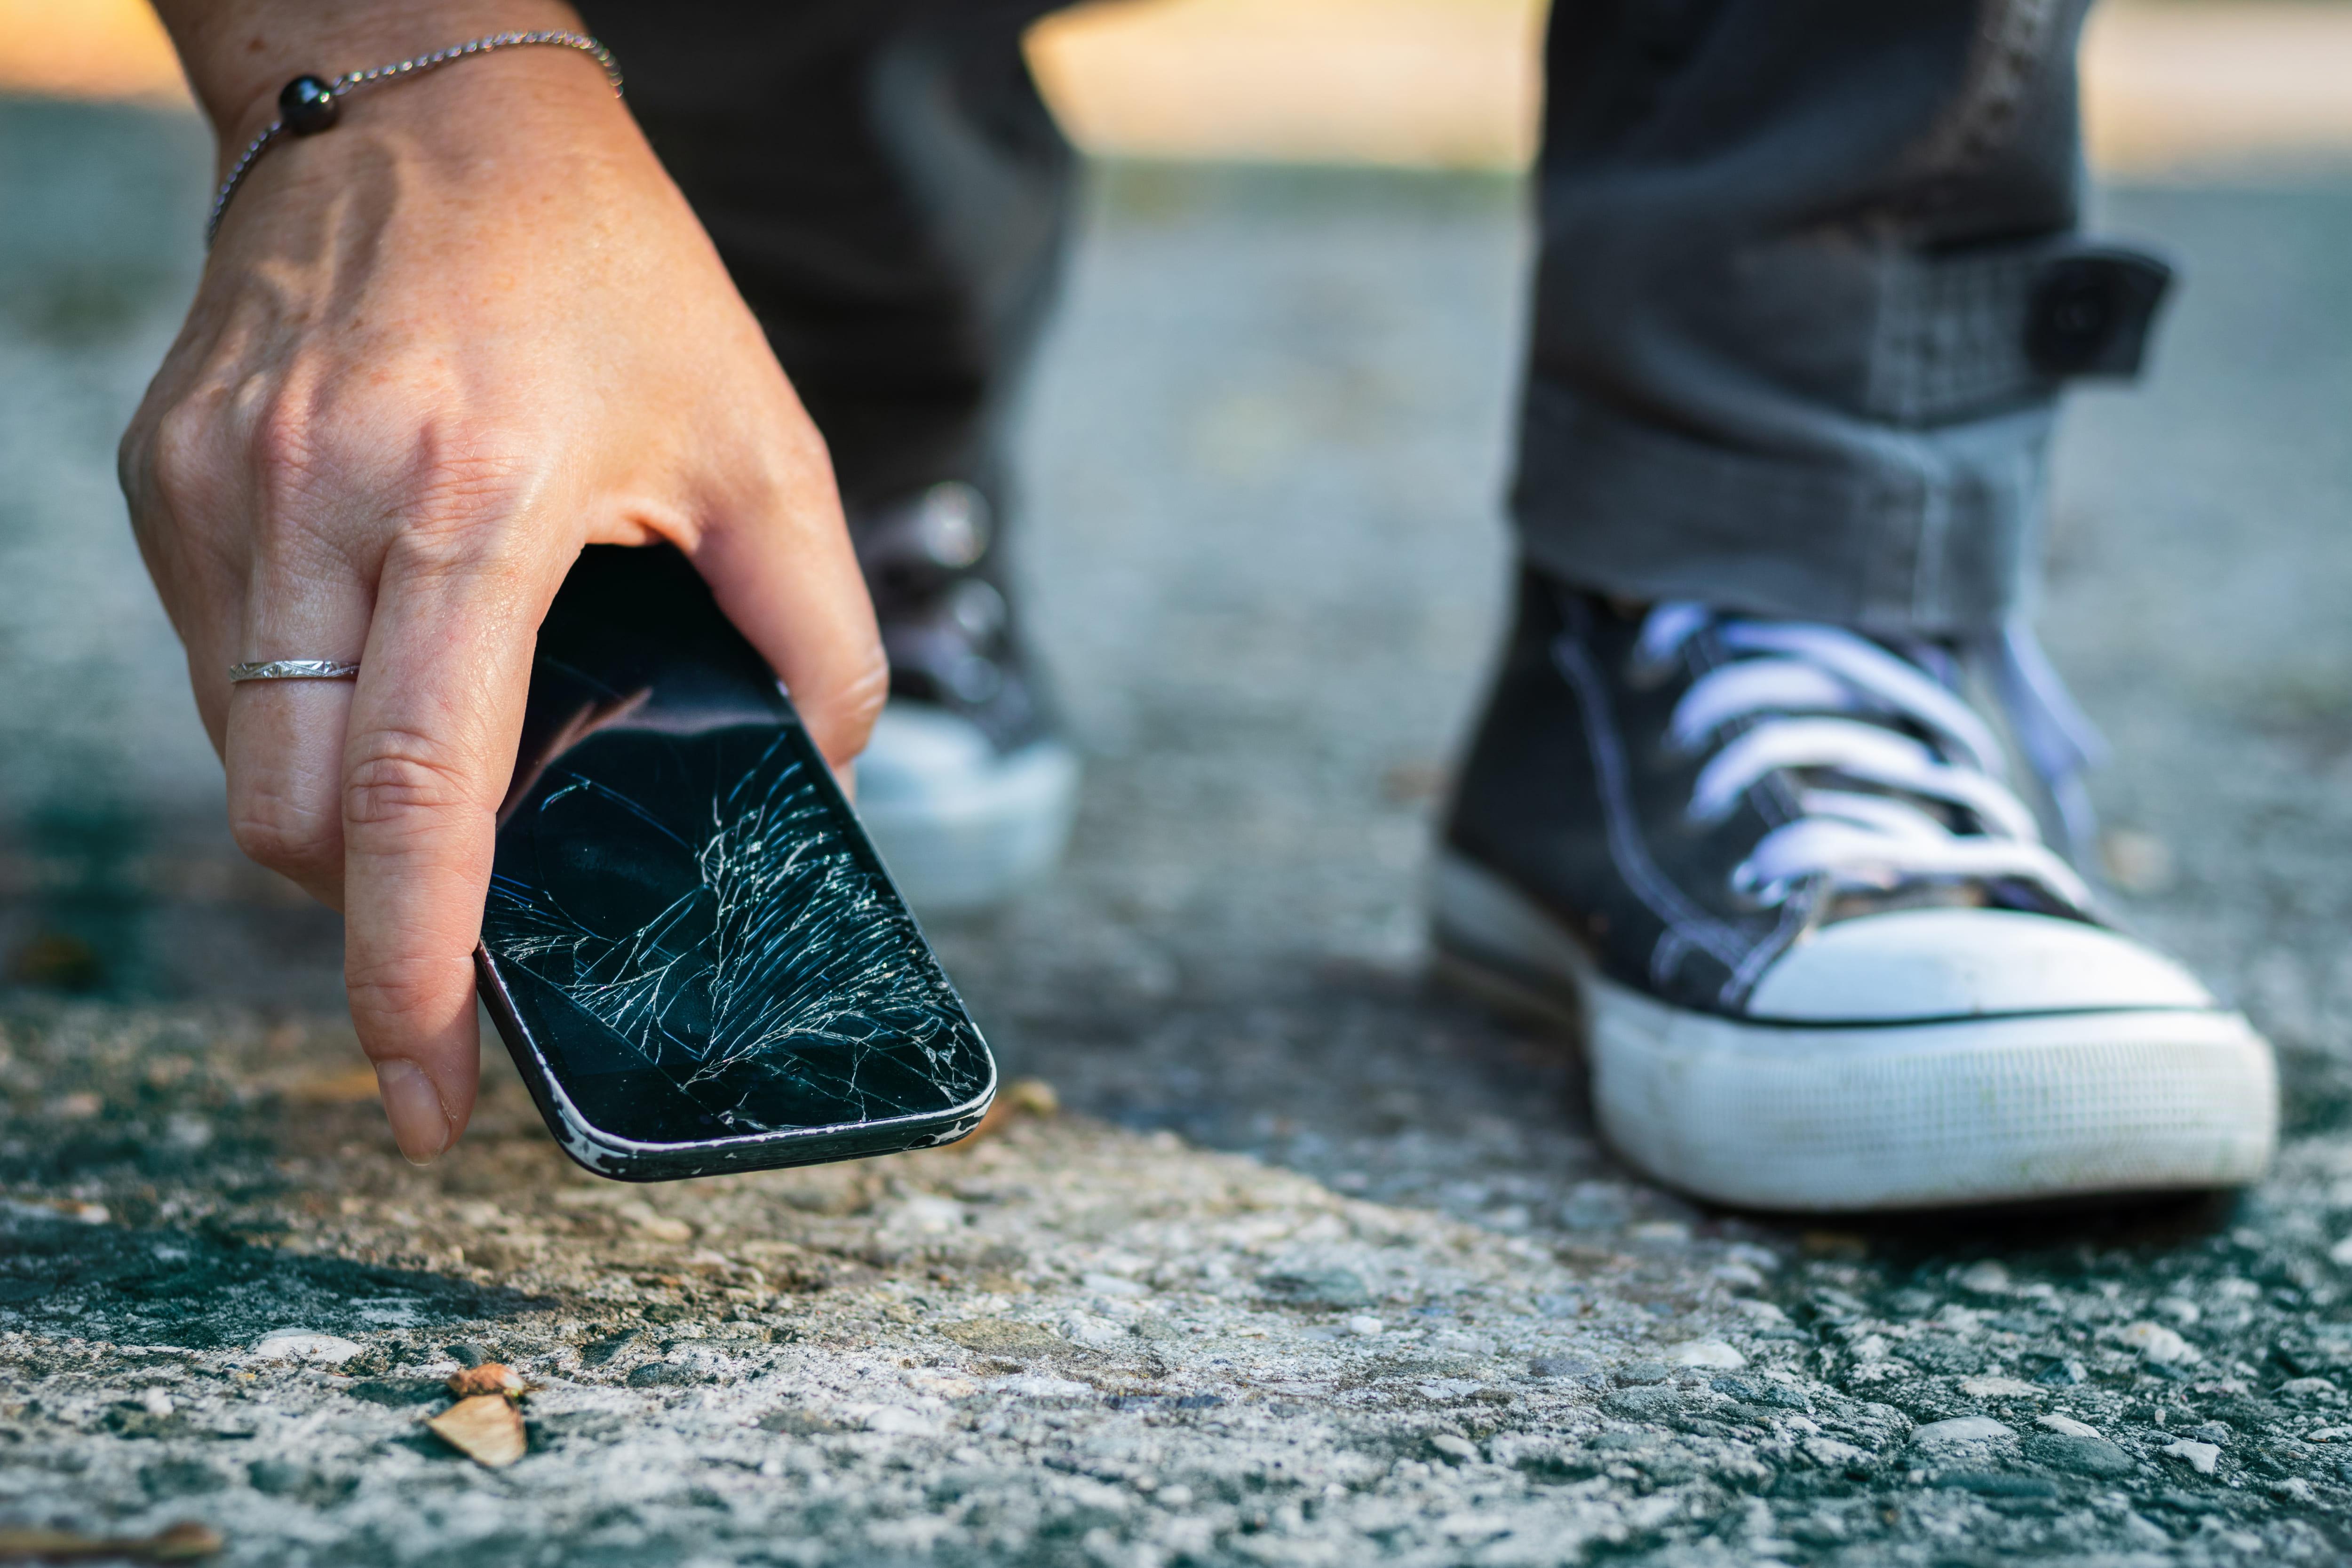 20代が持つスマートフォンは瀕死状態 スマホ画面を割ってしまった